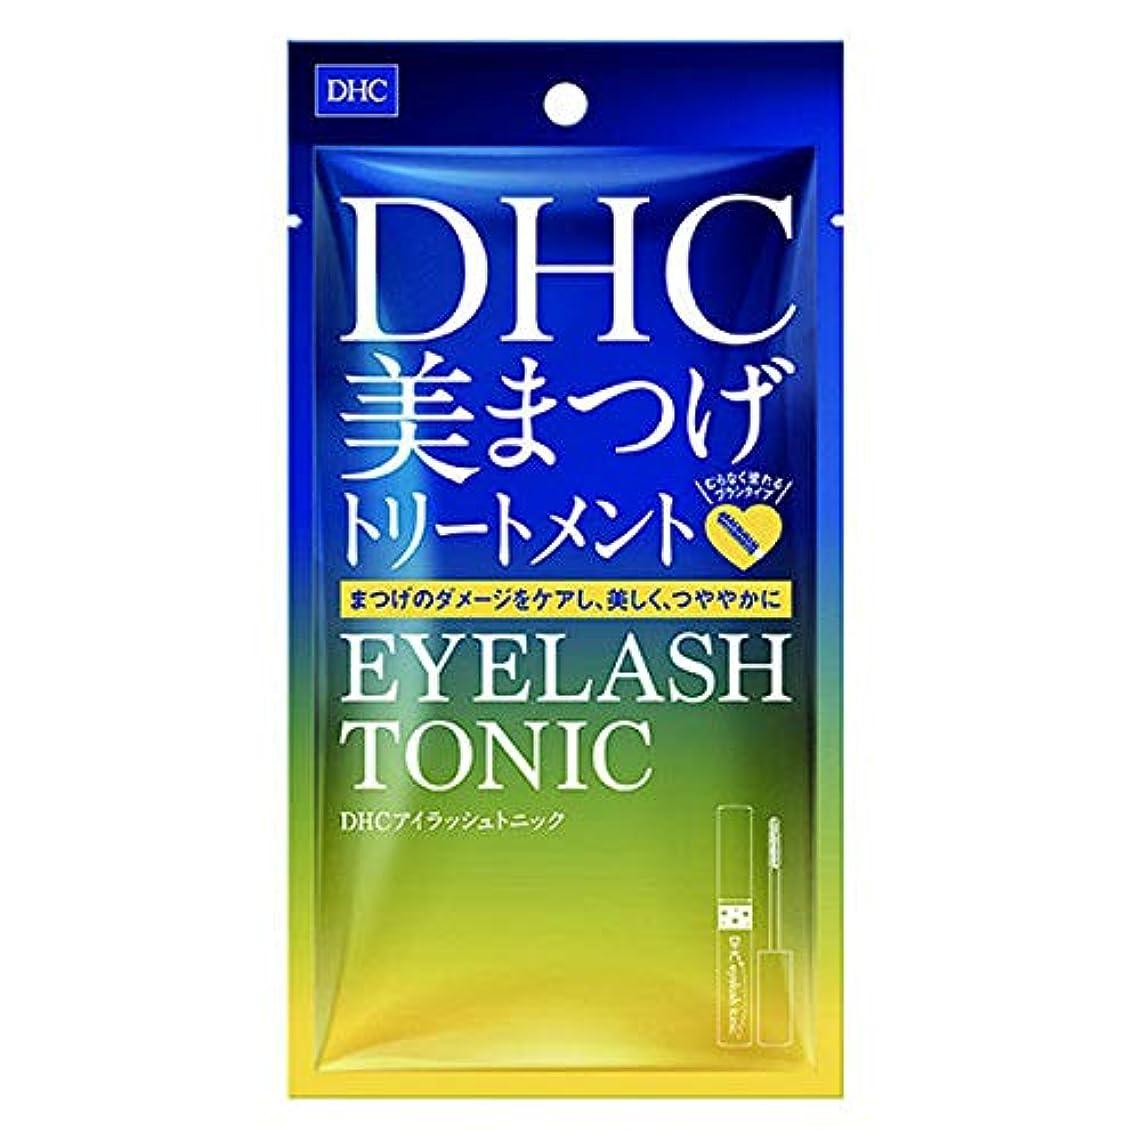 主要な意志に反する哀DHC アイラッシュトニック 6.5ml 美まつげトリートメント